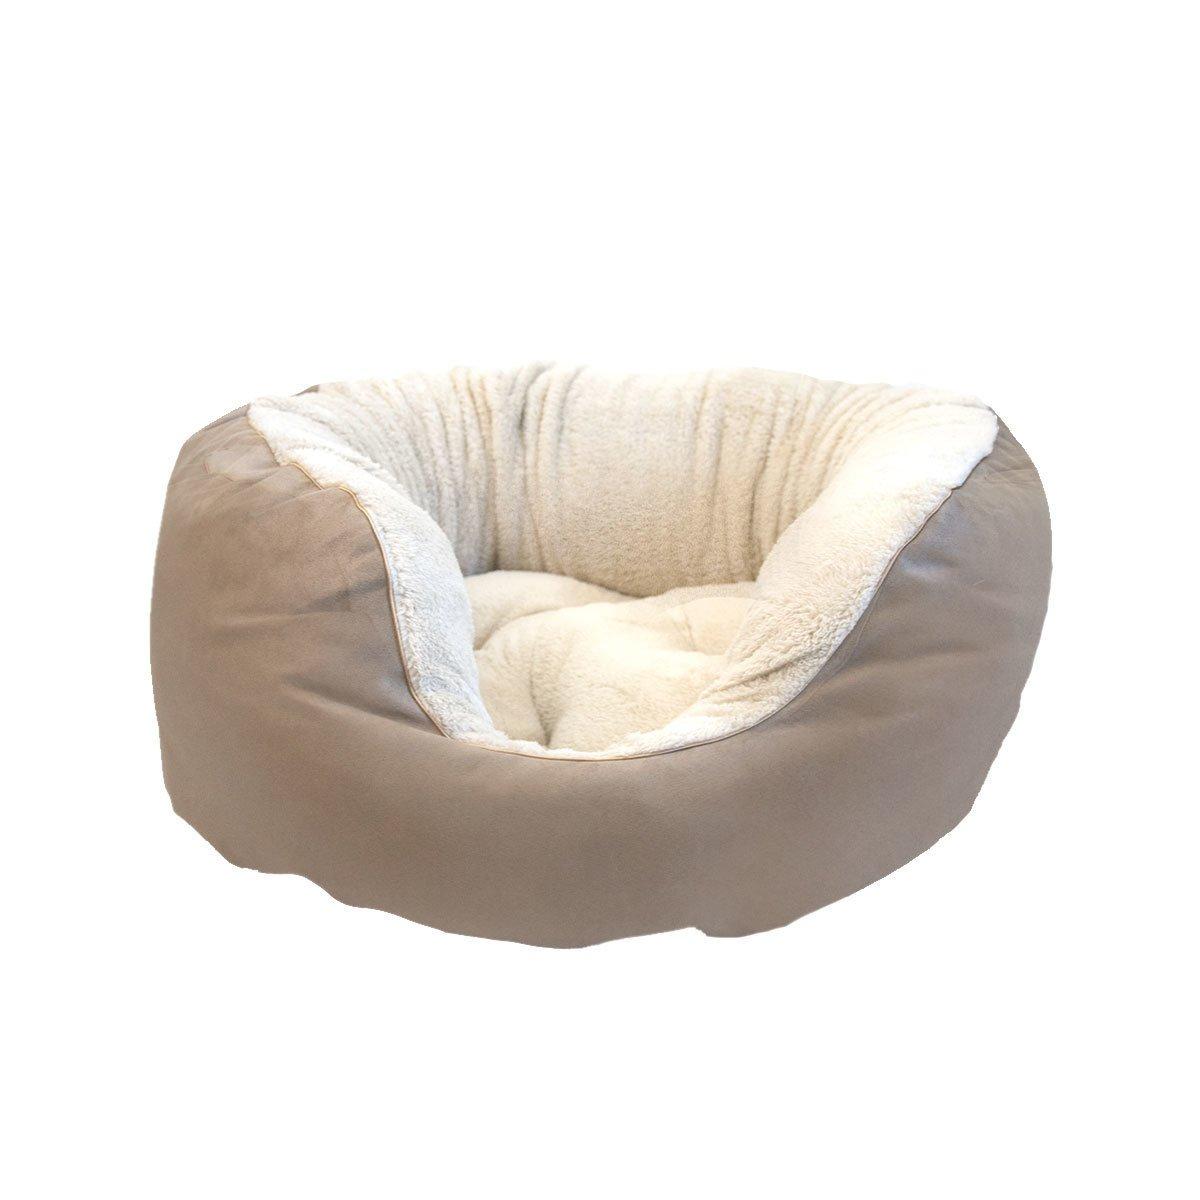 Komfortbett mit hohem Rand Bild 10